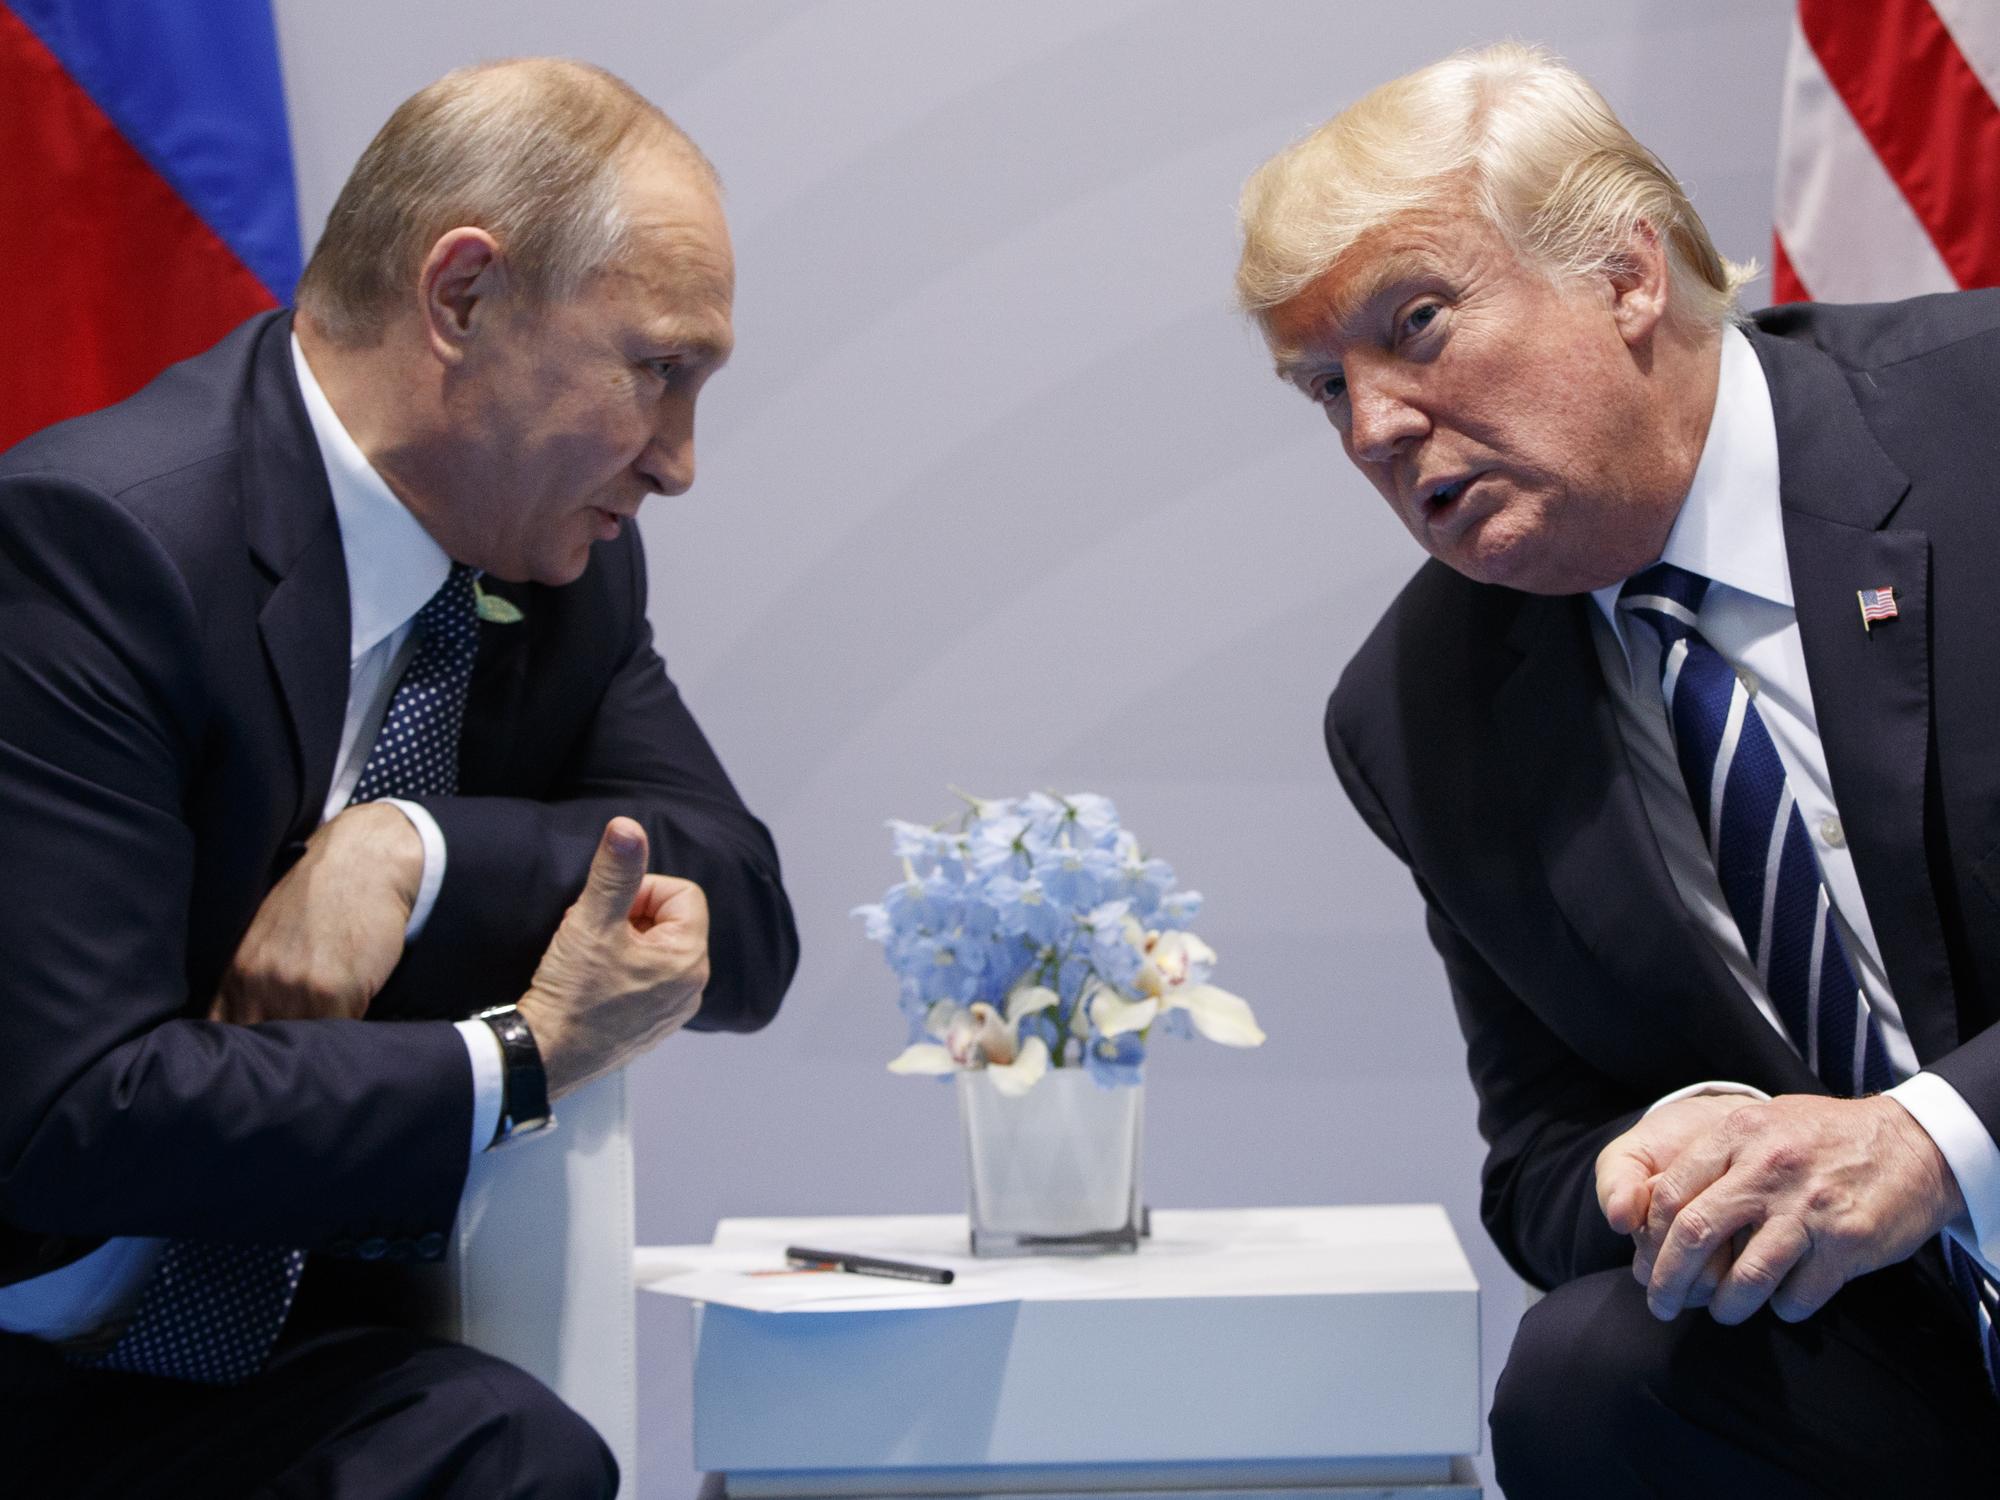 Путин и Трамп пытаются заключить «беспроигрышную» сделку